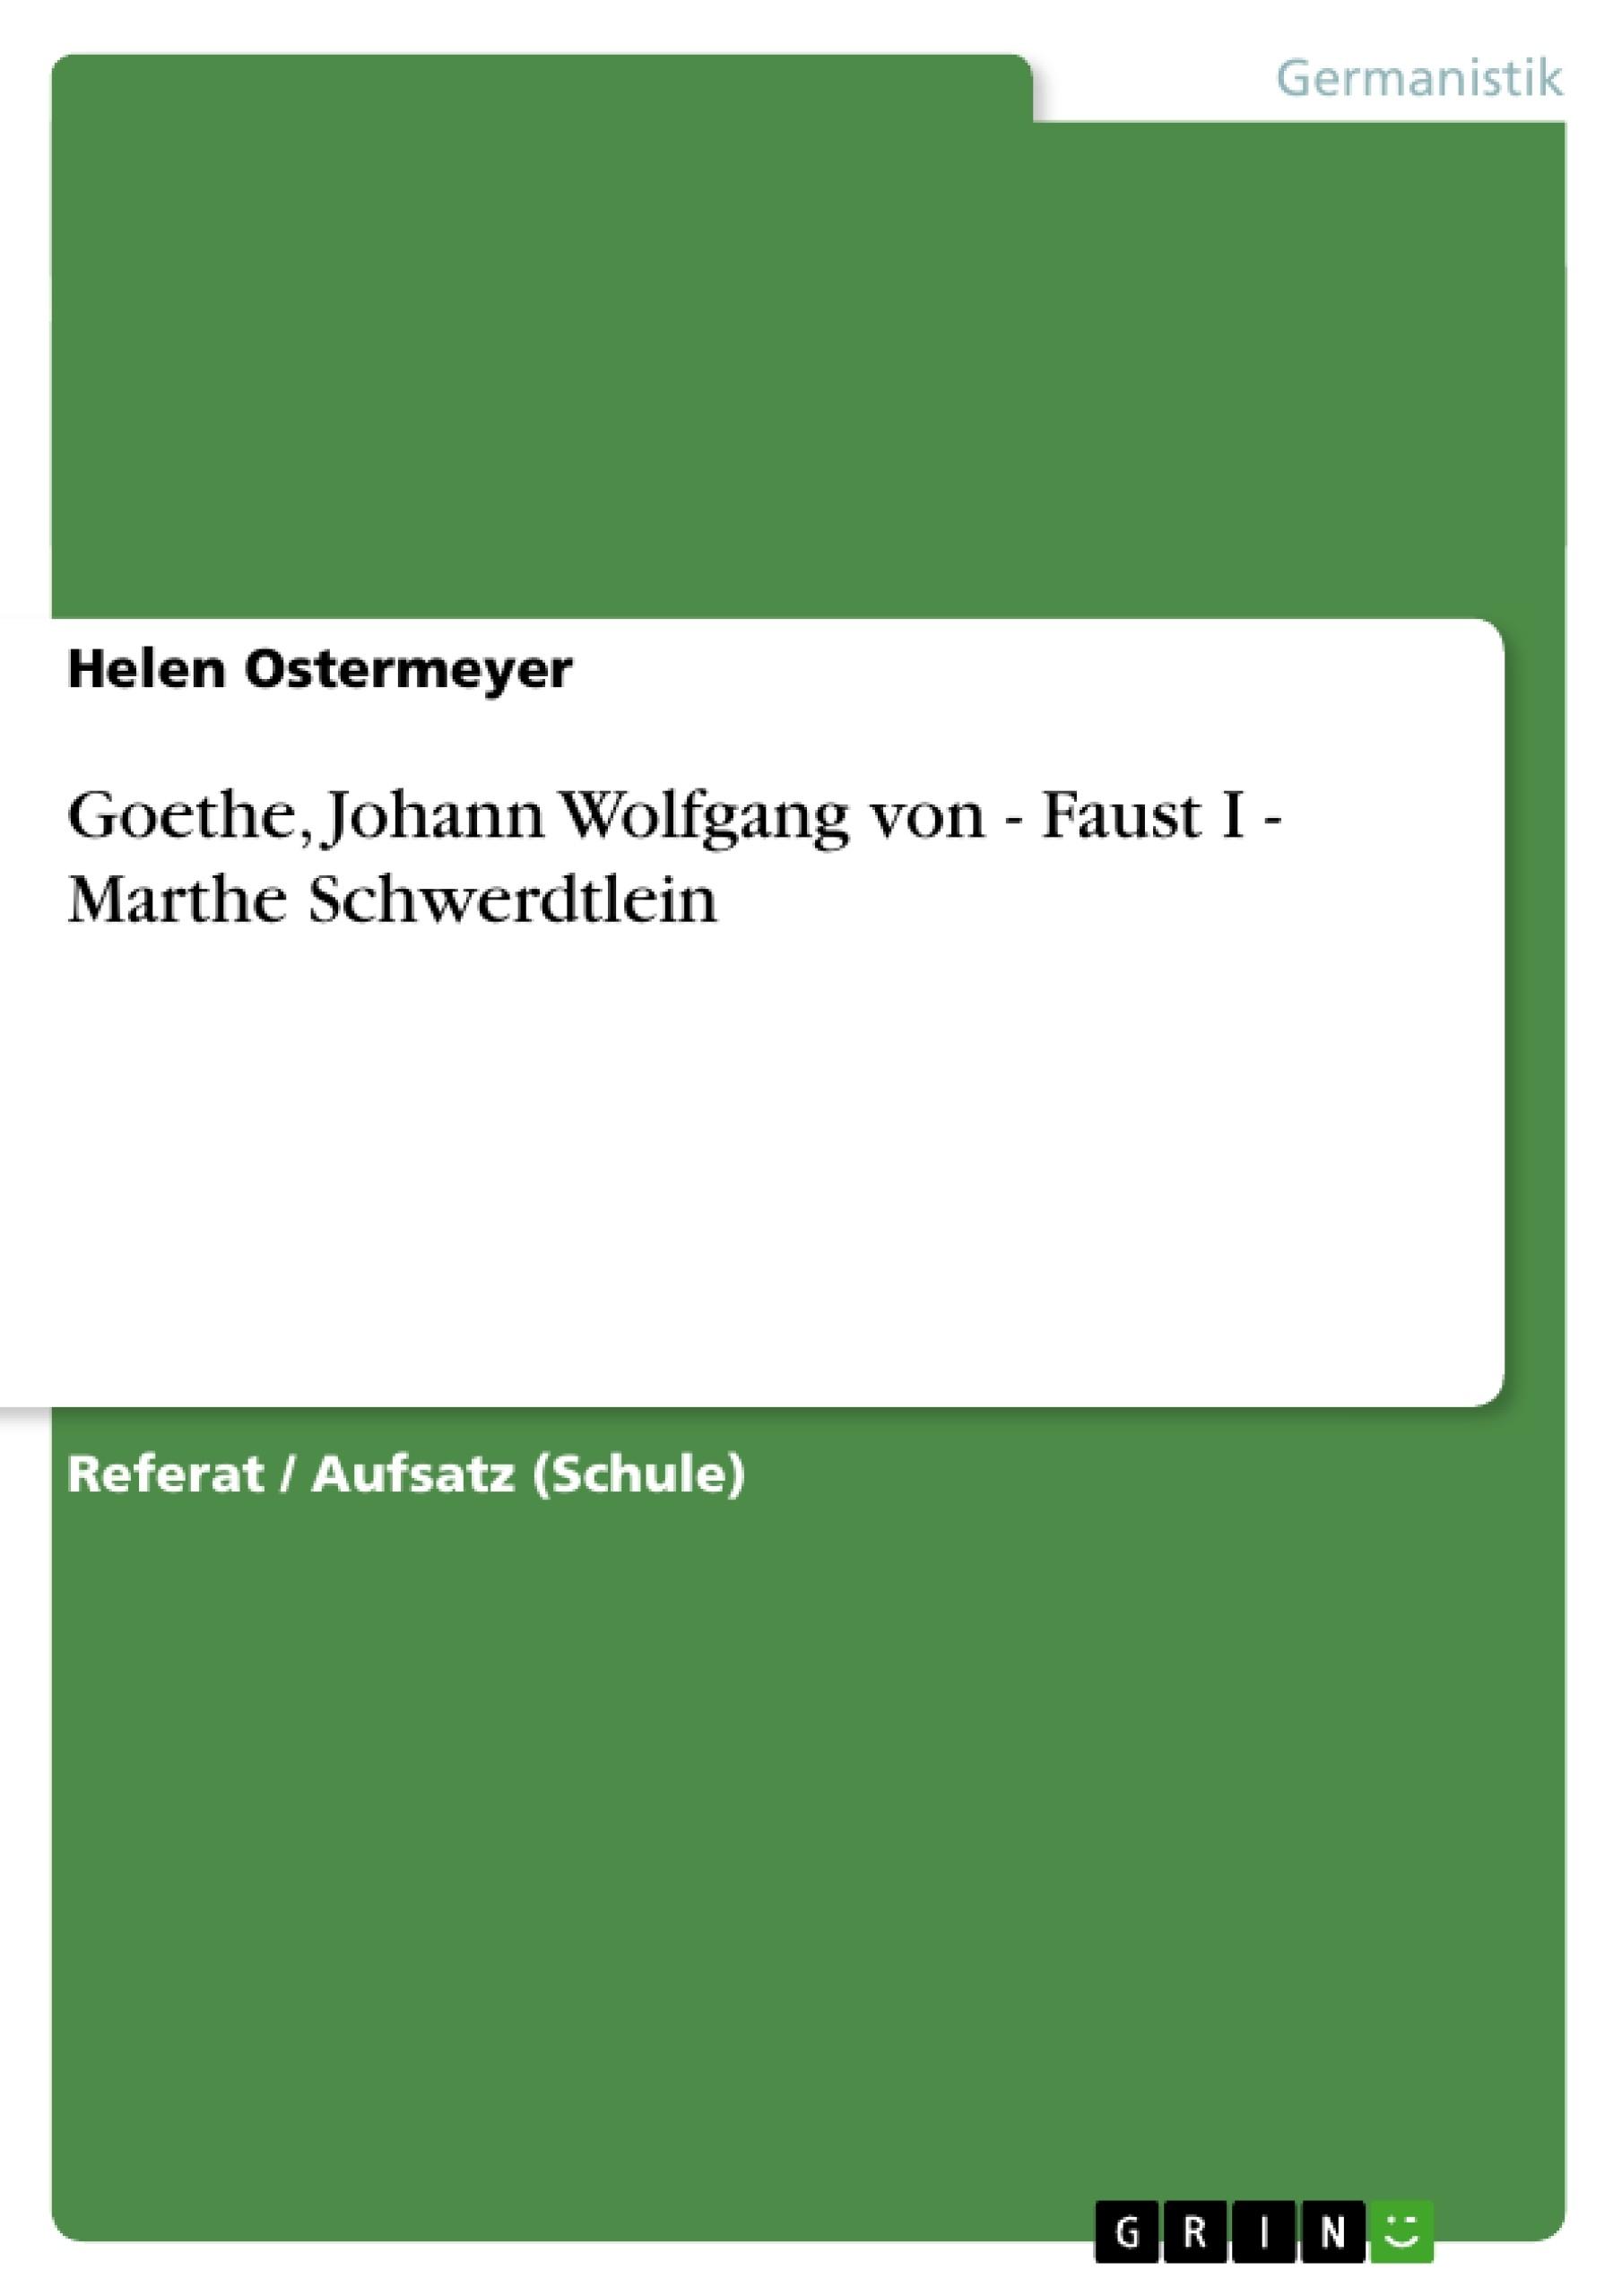 Titel: Goethe, Johann Wolfgang von - Faust I - Marthe Schwerdtlein